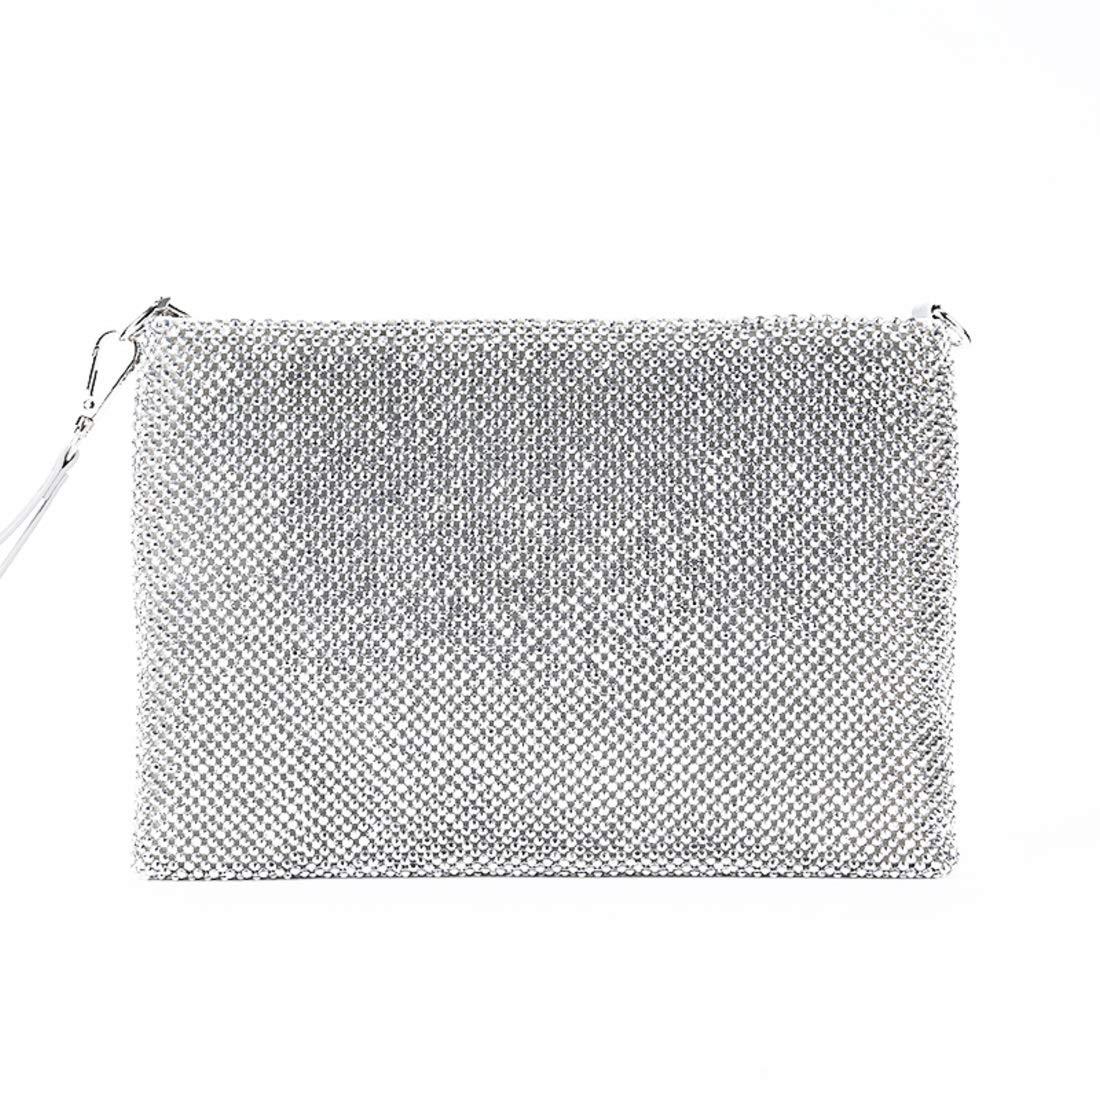 Klerokoh Damen Vintage Clutch Clutch Clutch Abend Handtasche Braut Prom Handtasche (Farbe   Silber) B07Q8GLH1M Clutches Hohe Qualität 5aad50